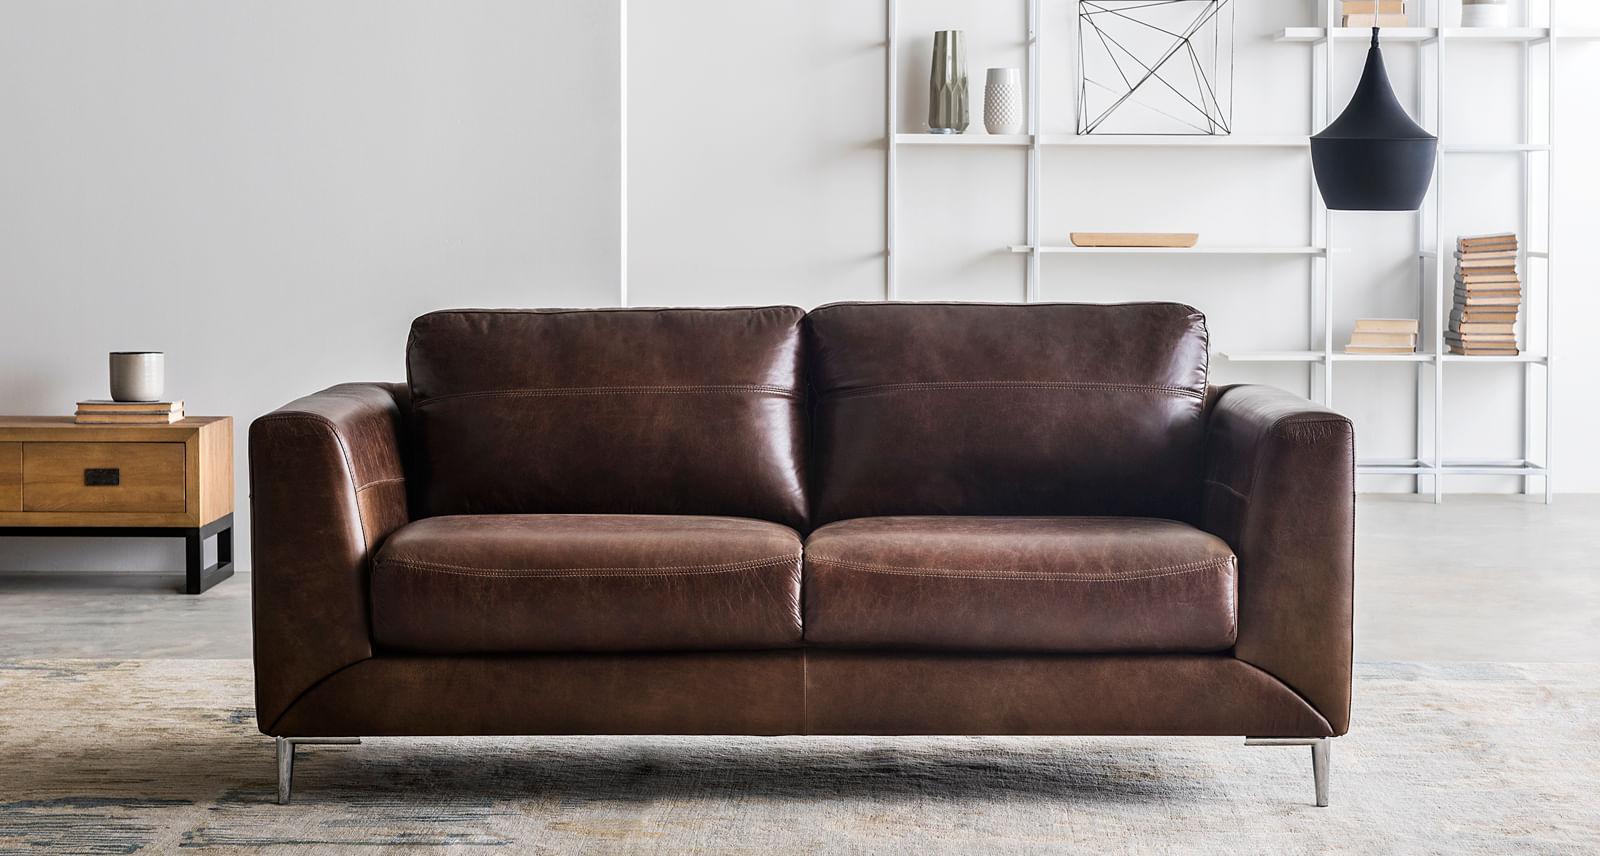 Muebles living falabella colecci n de ideas interesantes for Falabella muebles de comedor